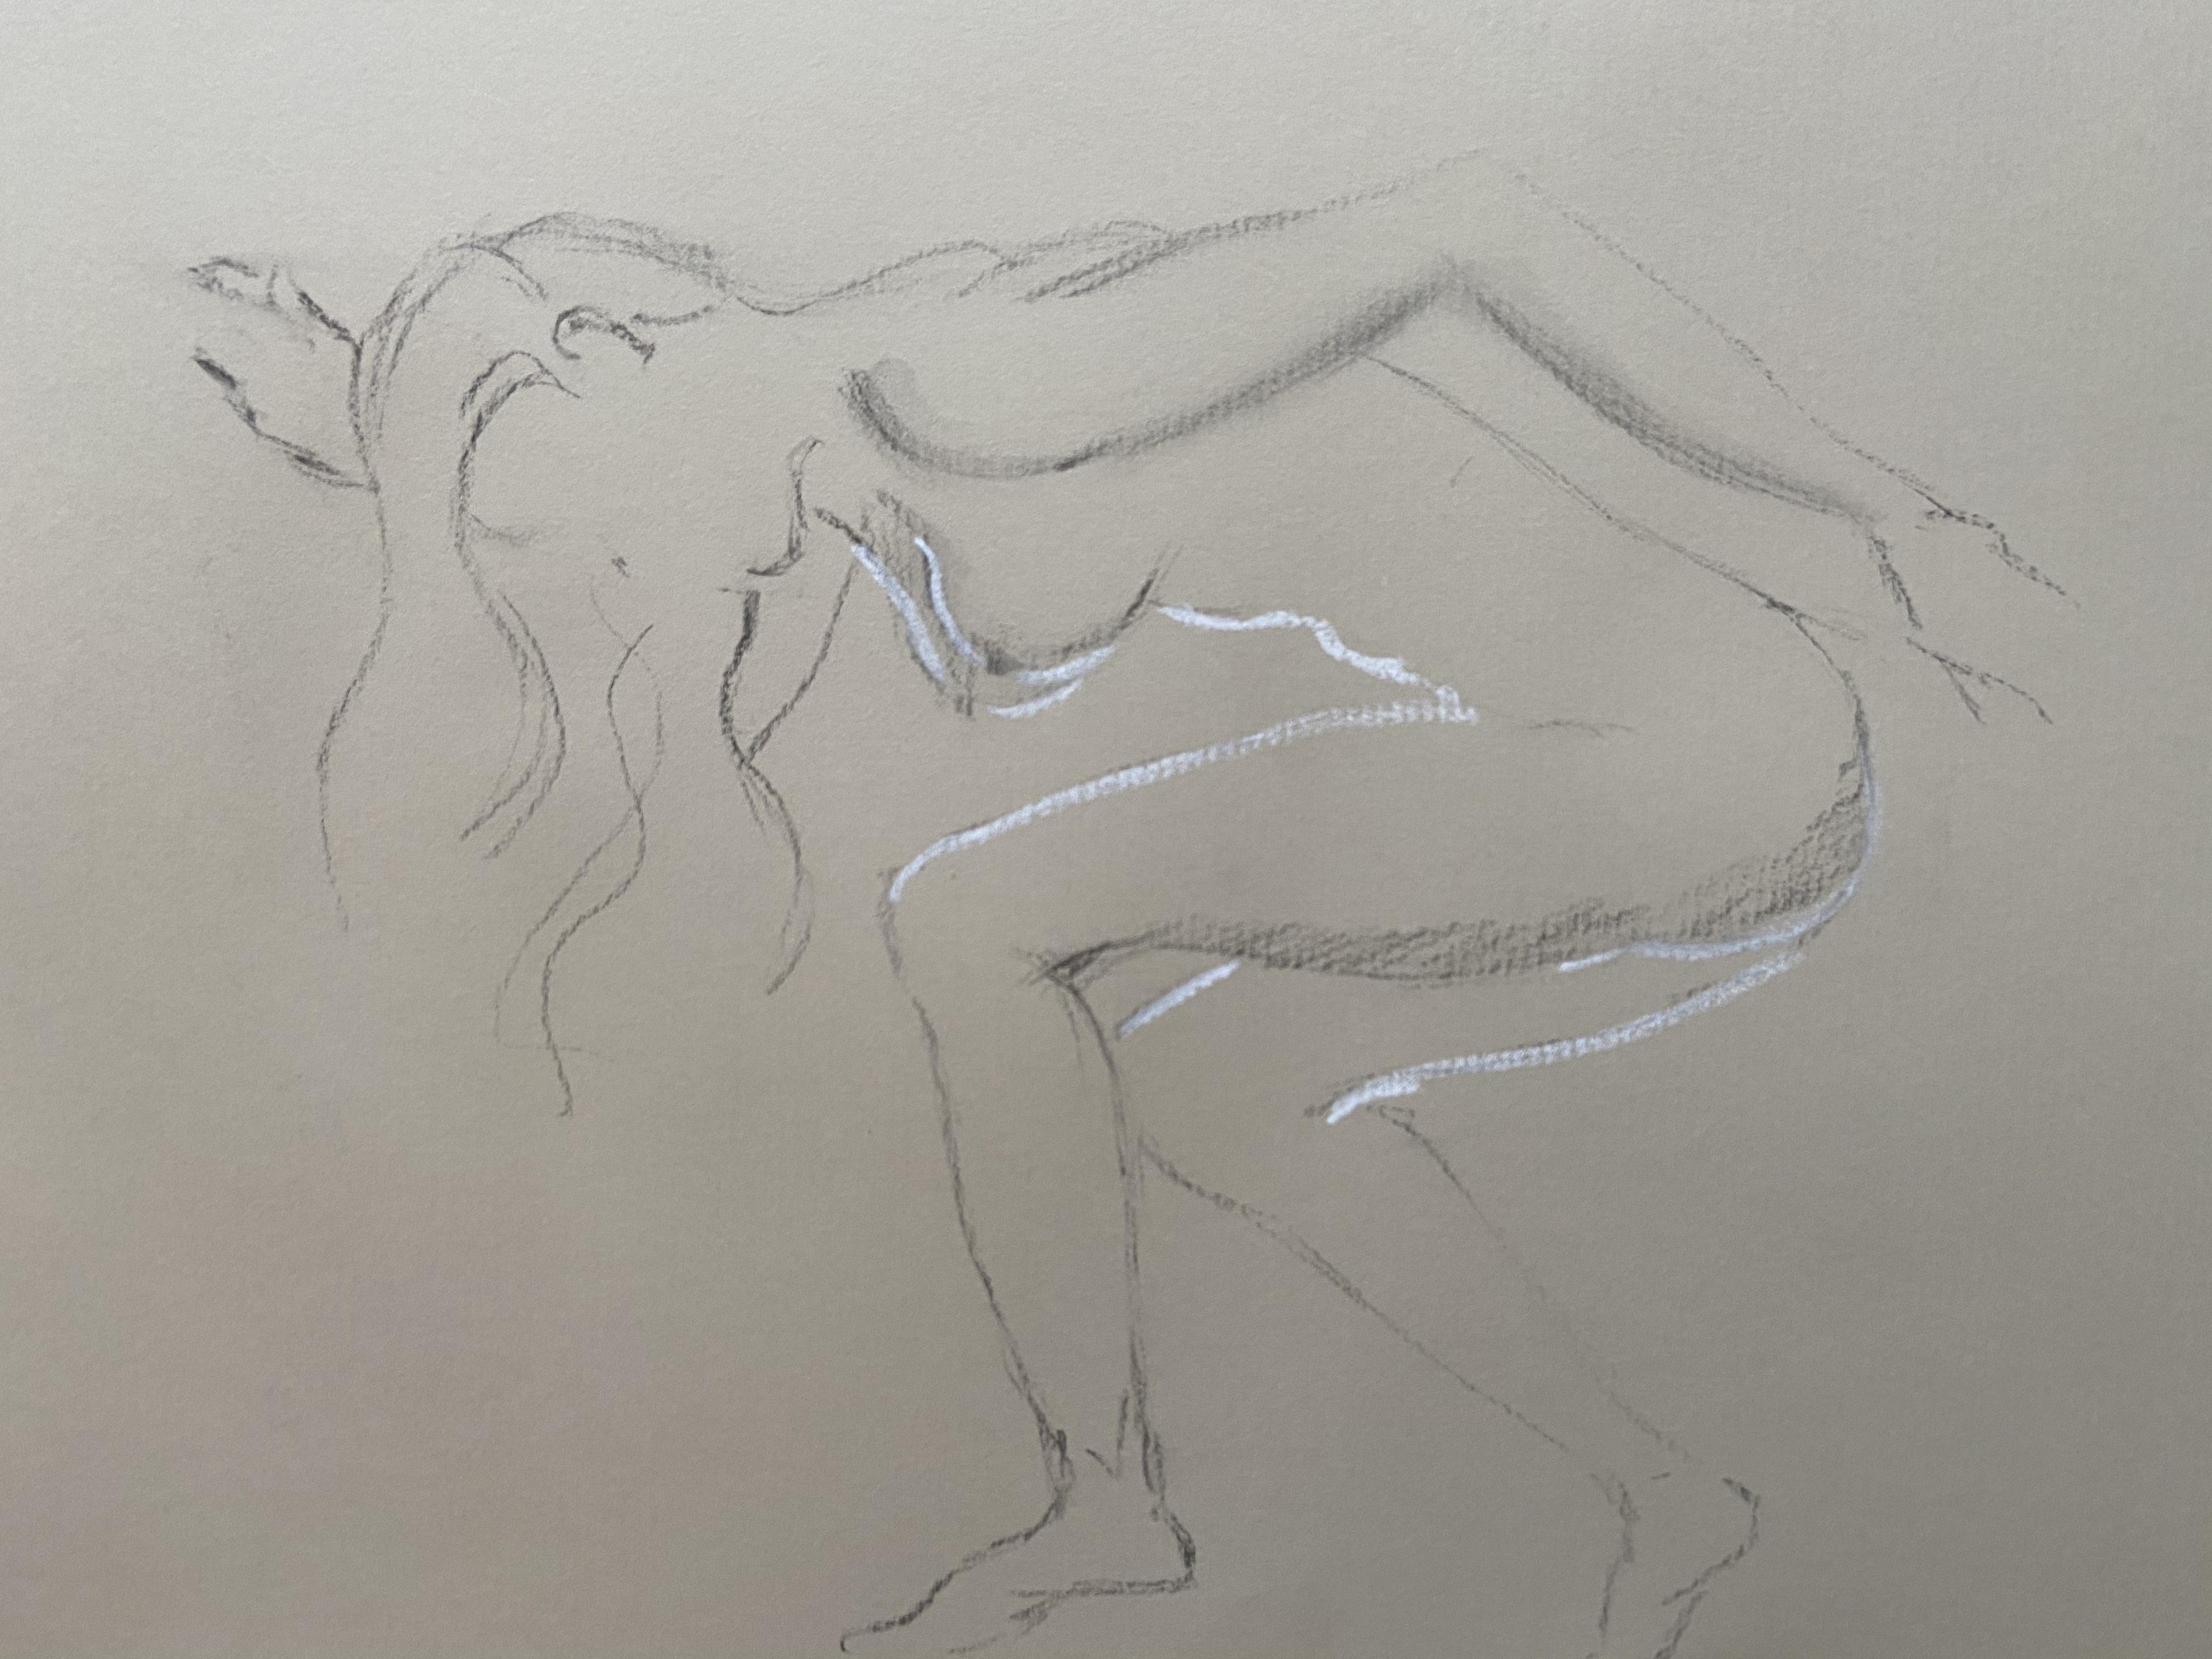 Ébauche dessin fusain sur papier Kraft rehausses craie blanches  cours de dessin